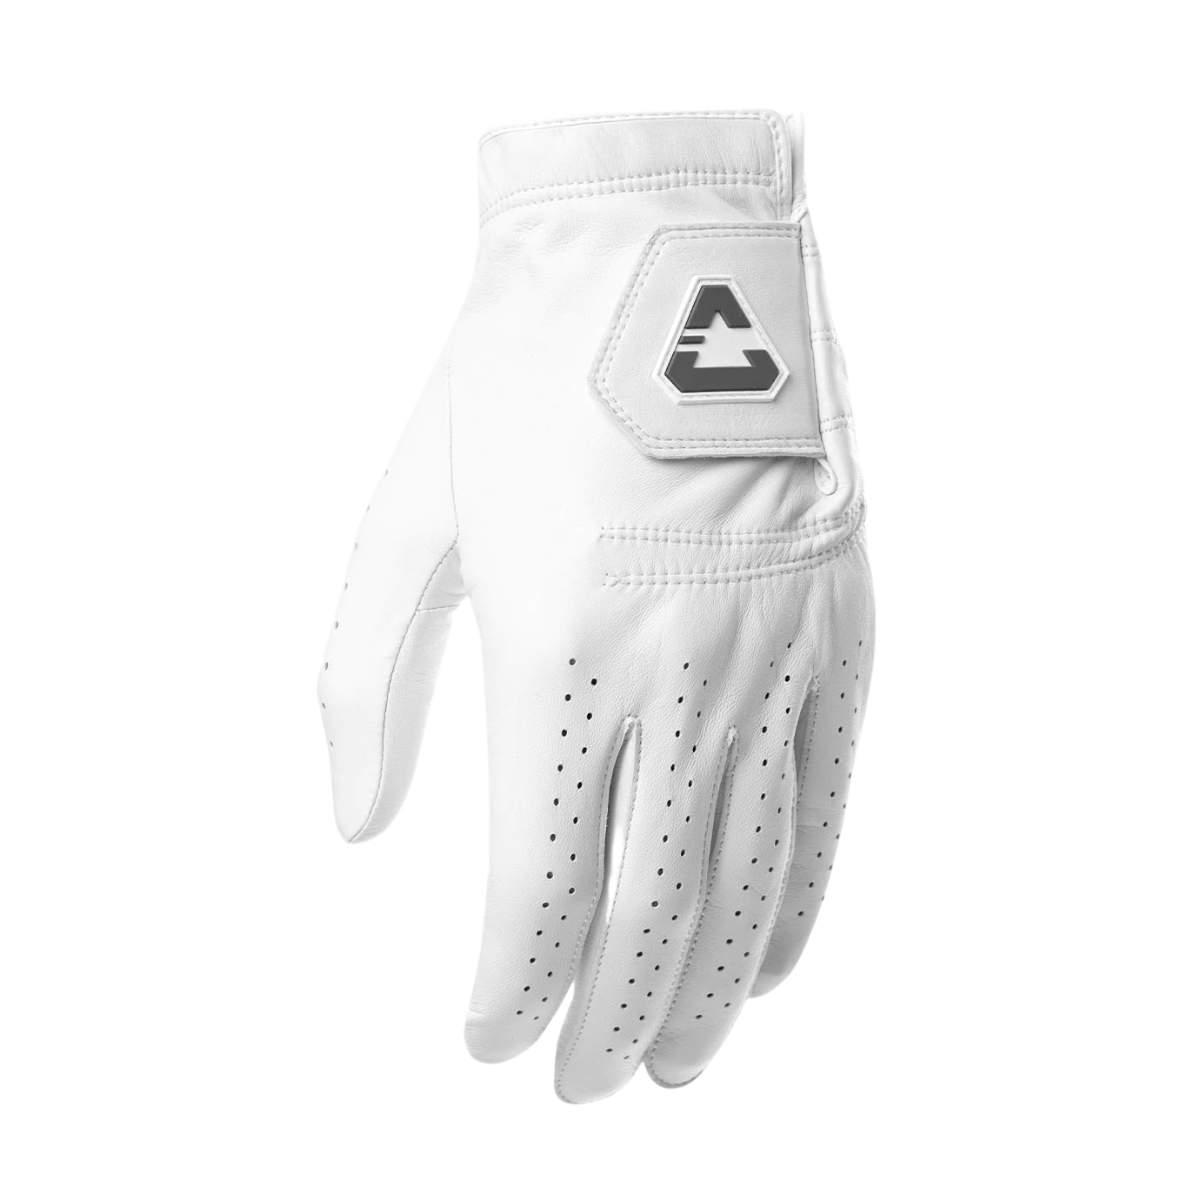 TravisMathew Premier Golf Glove - Left Hand Cadet